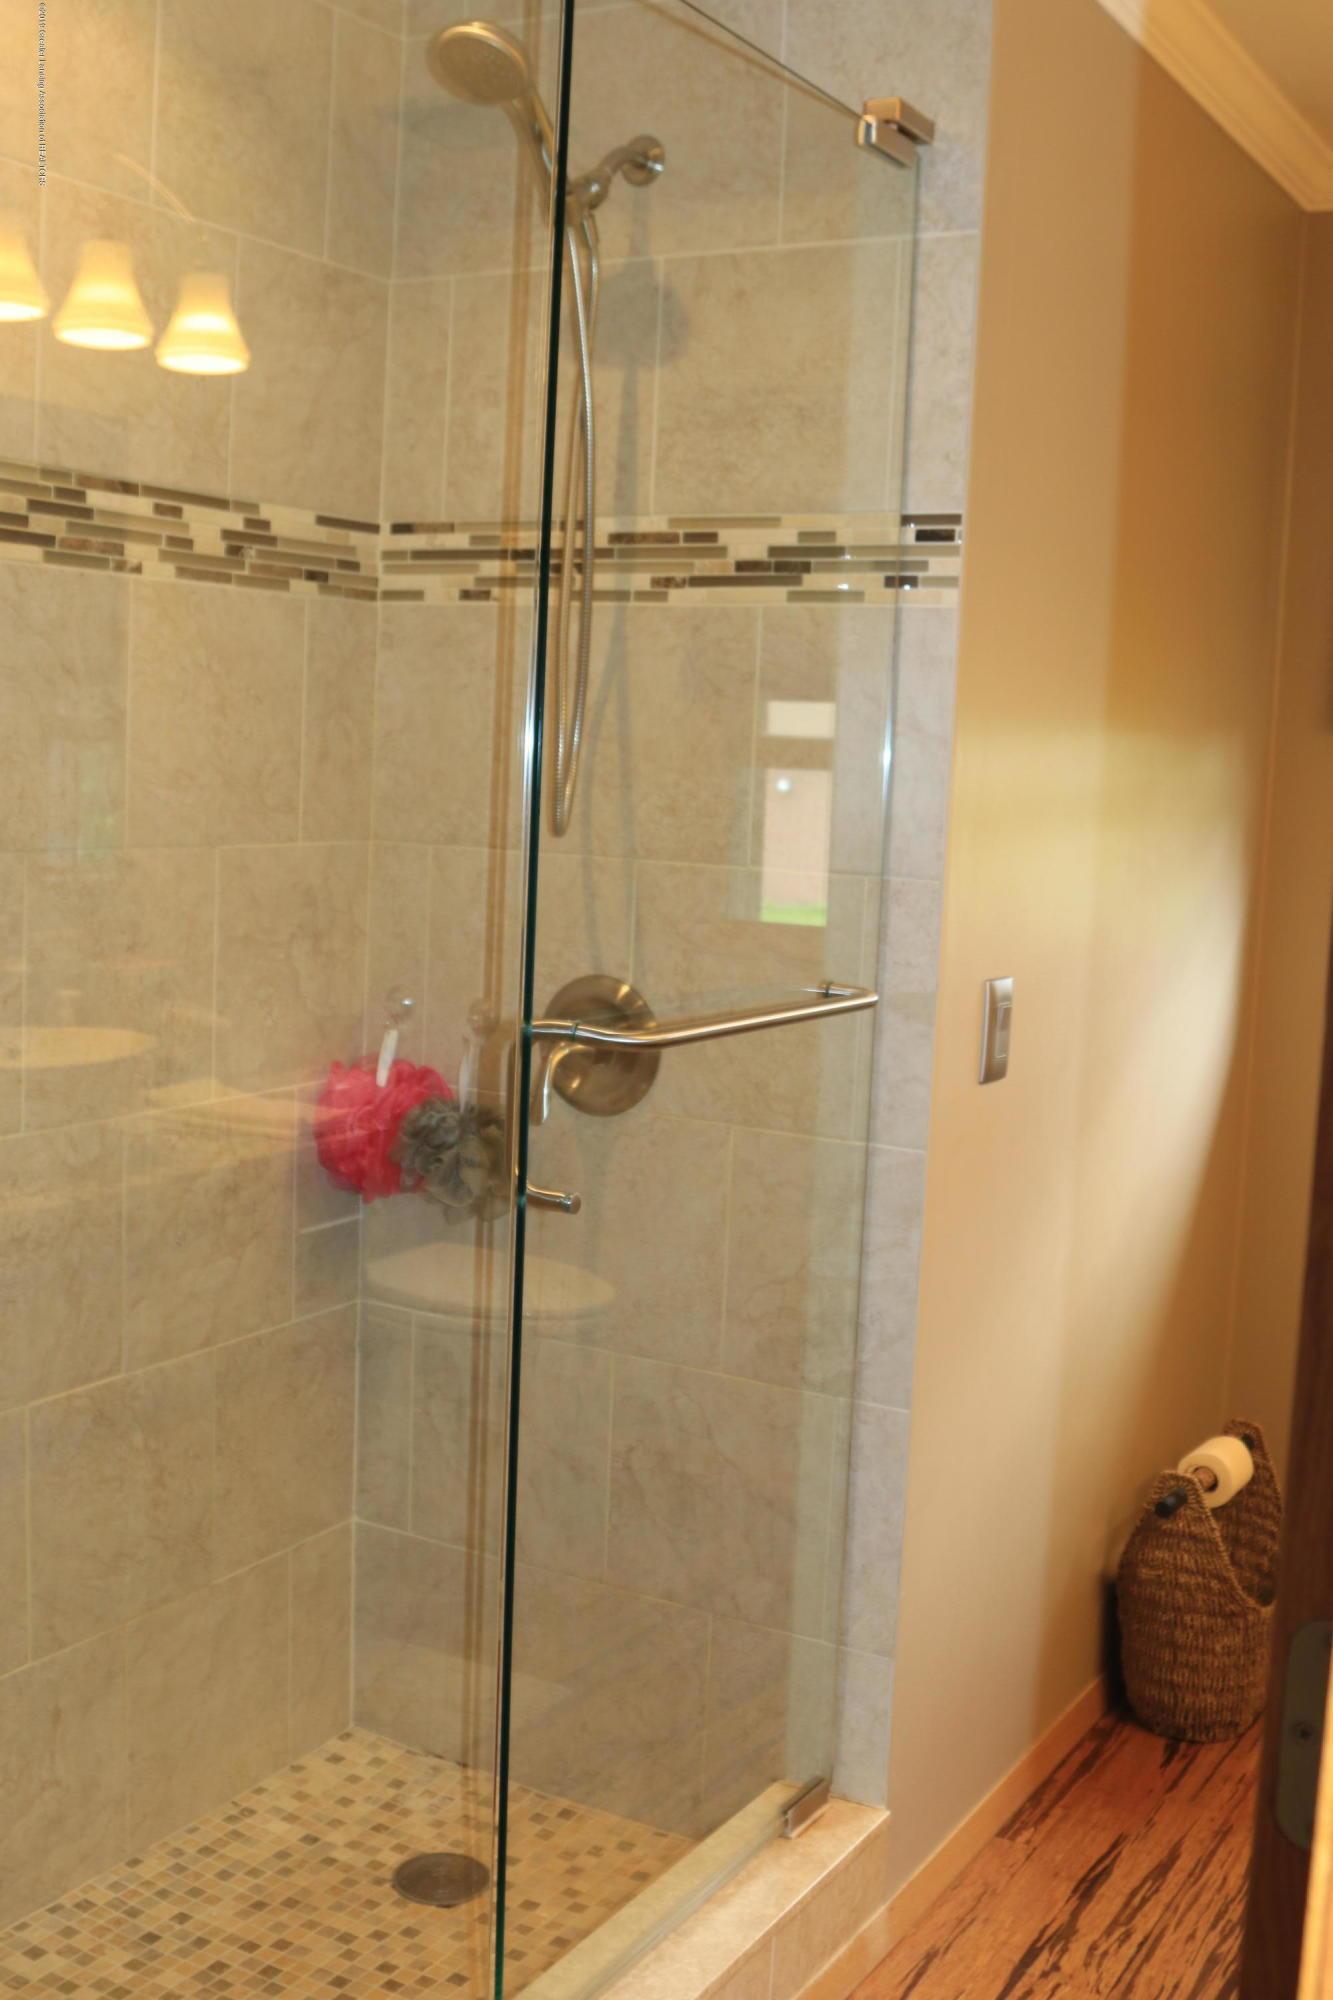 5867 Houston Rd - Bathroom #1, frameless shower door - 27